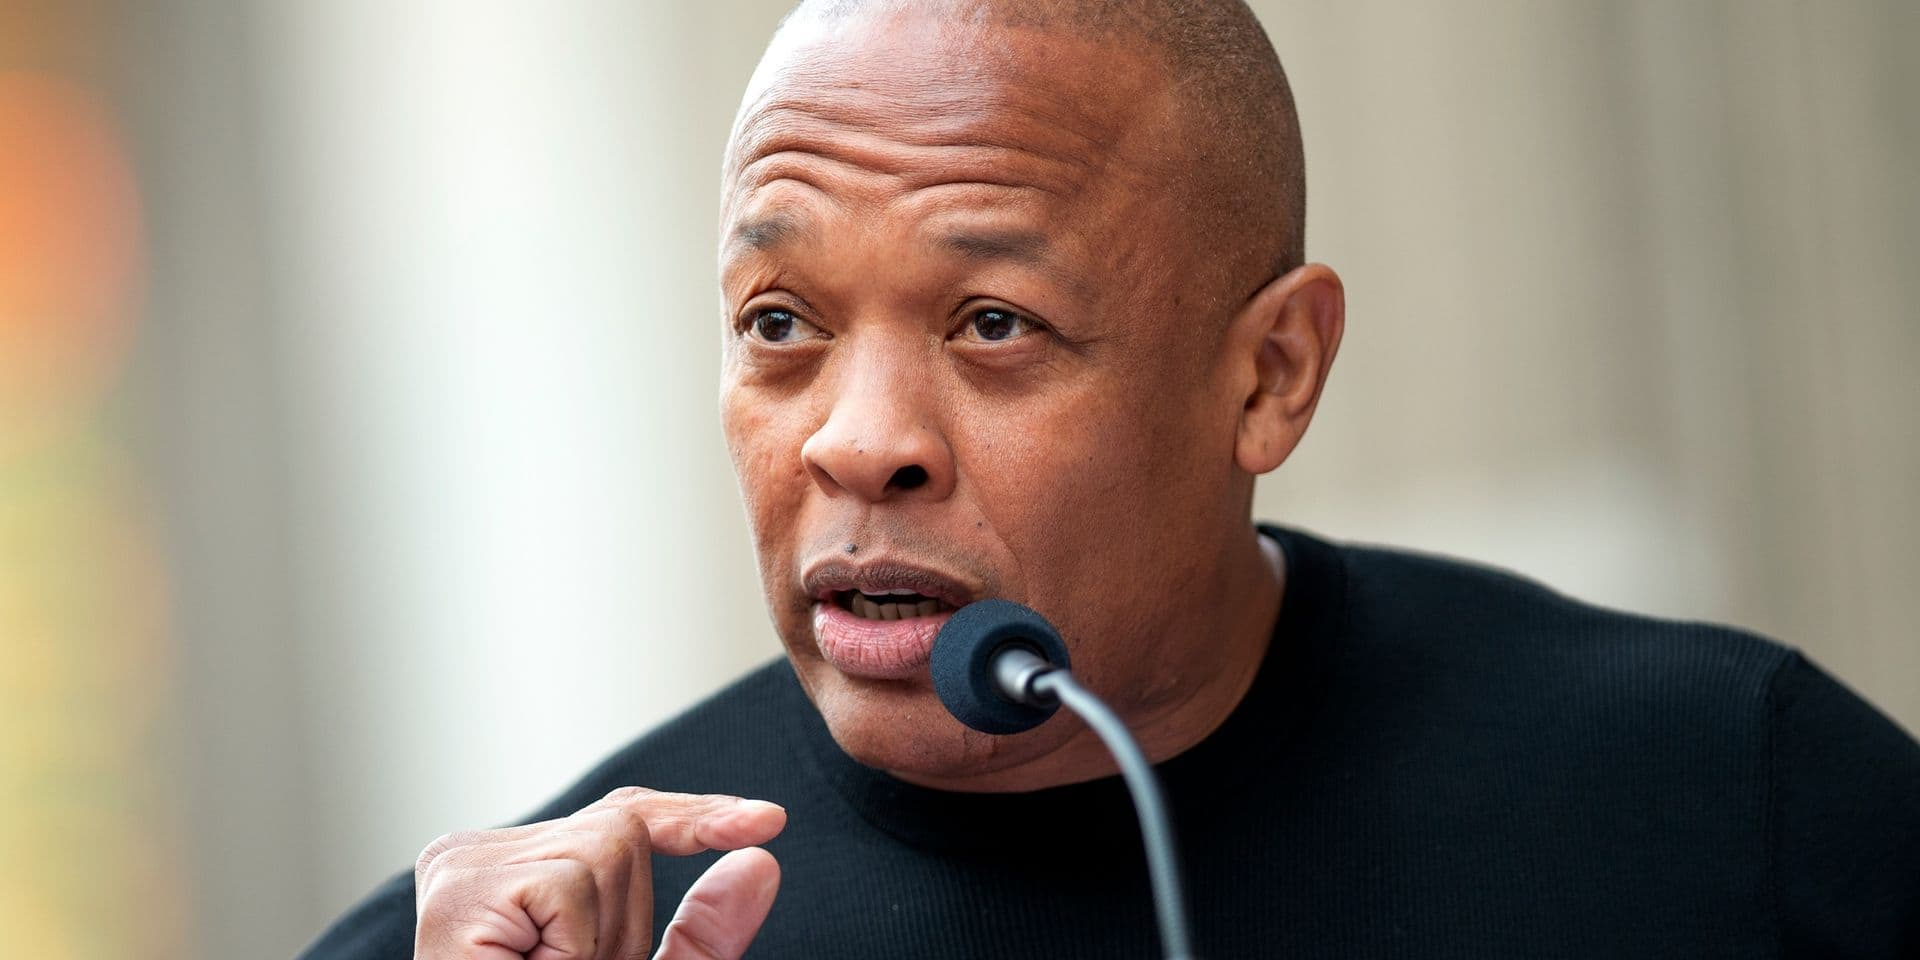 """Hospitalisé, le rappeur Dr. Dre rassure ses fans: """"Je vais bientôt rentrer  chez moi"""" - DH Les Sports+"""